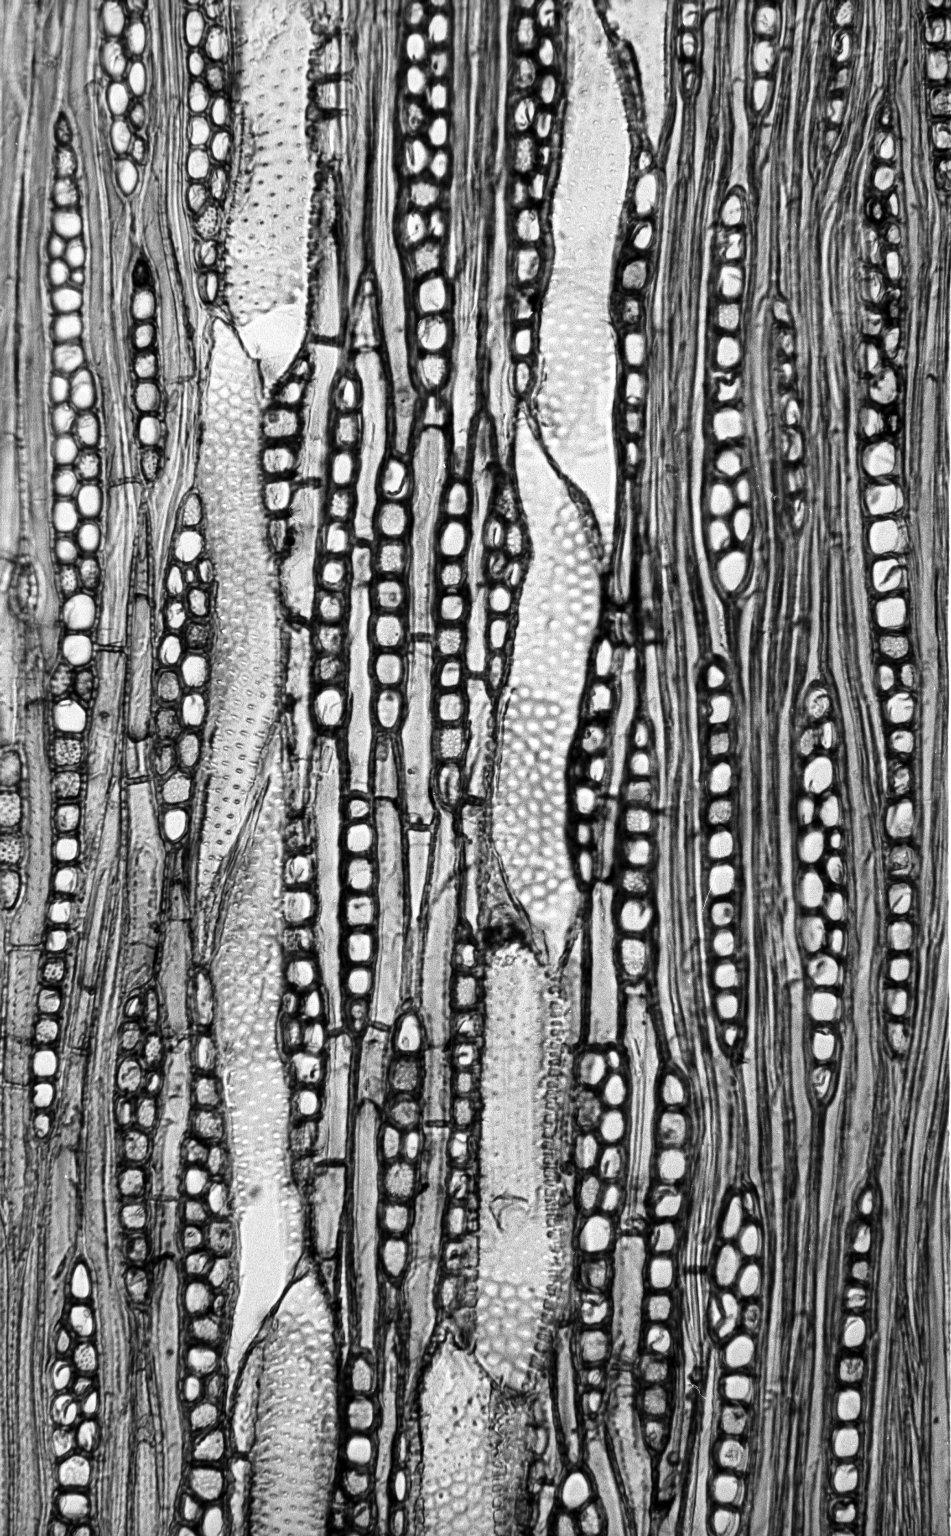 BIGNONIACEAE Jacaranda cuspidifolia